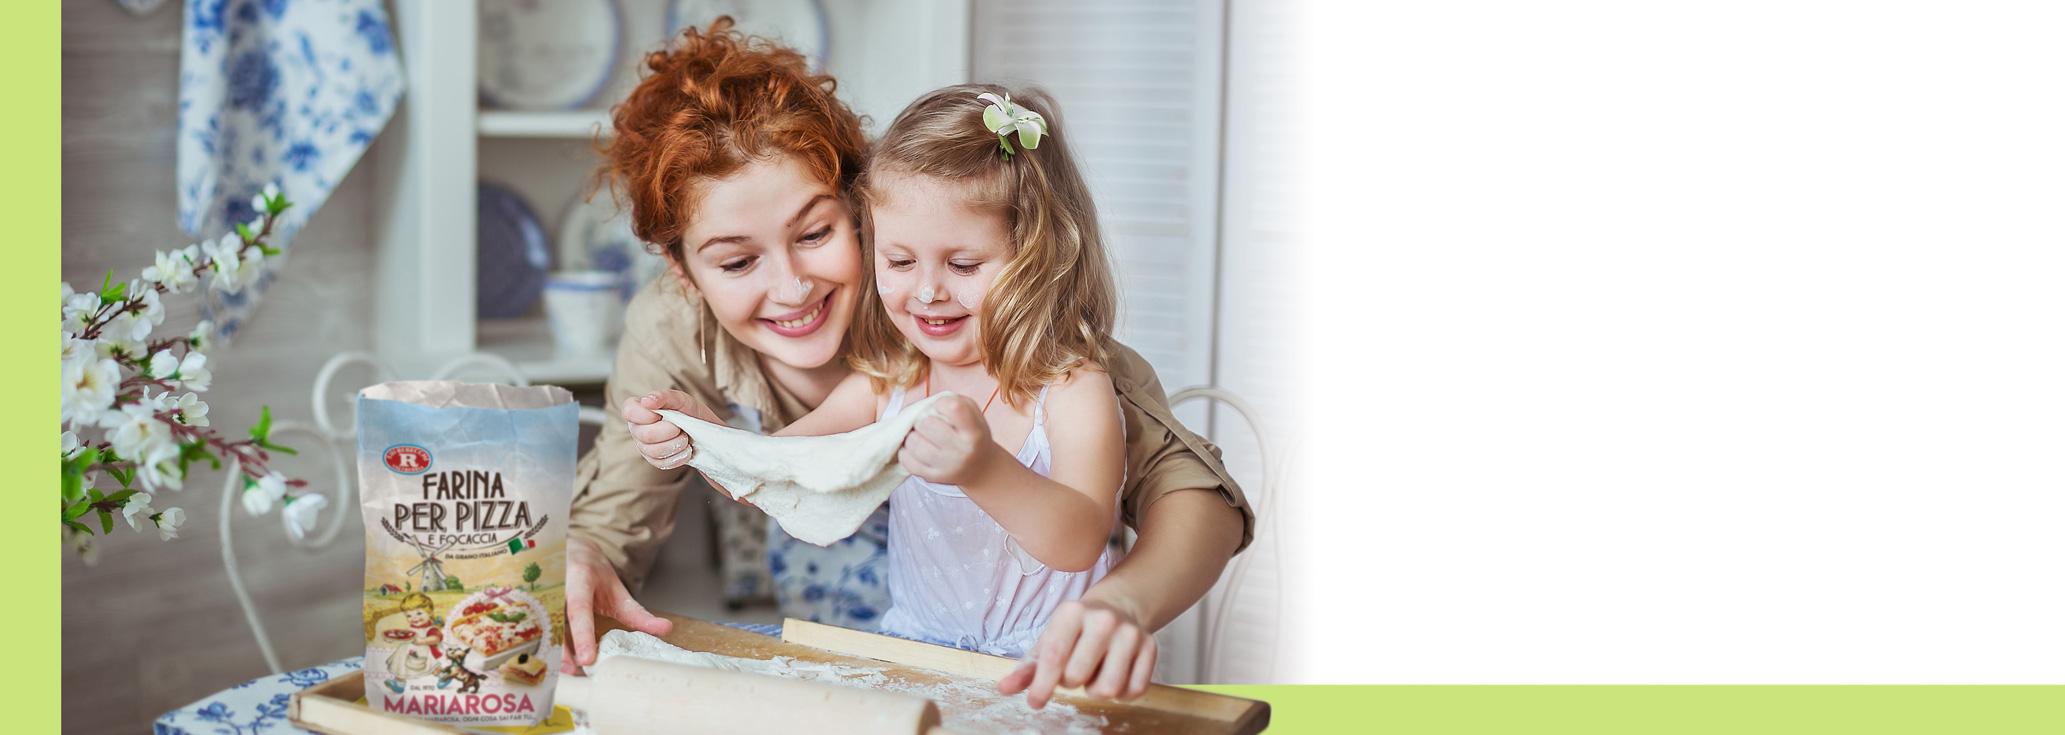 Mamma e figlia che impastano la farina Mariarosa